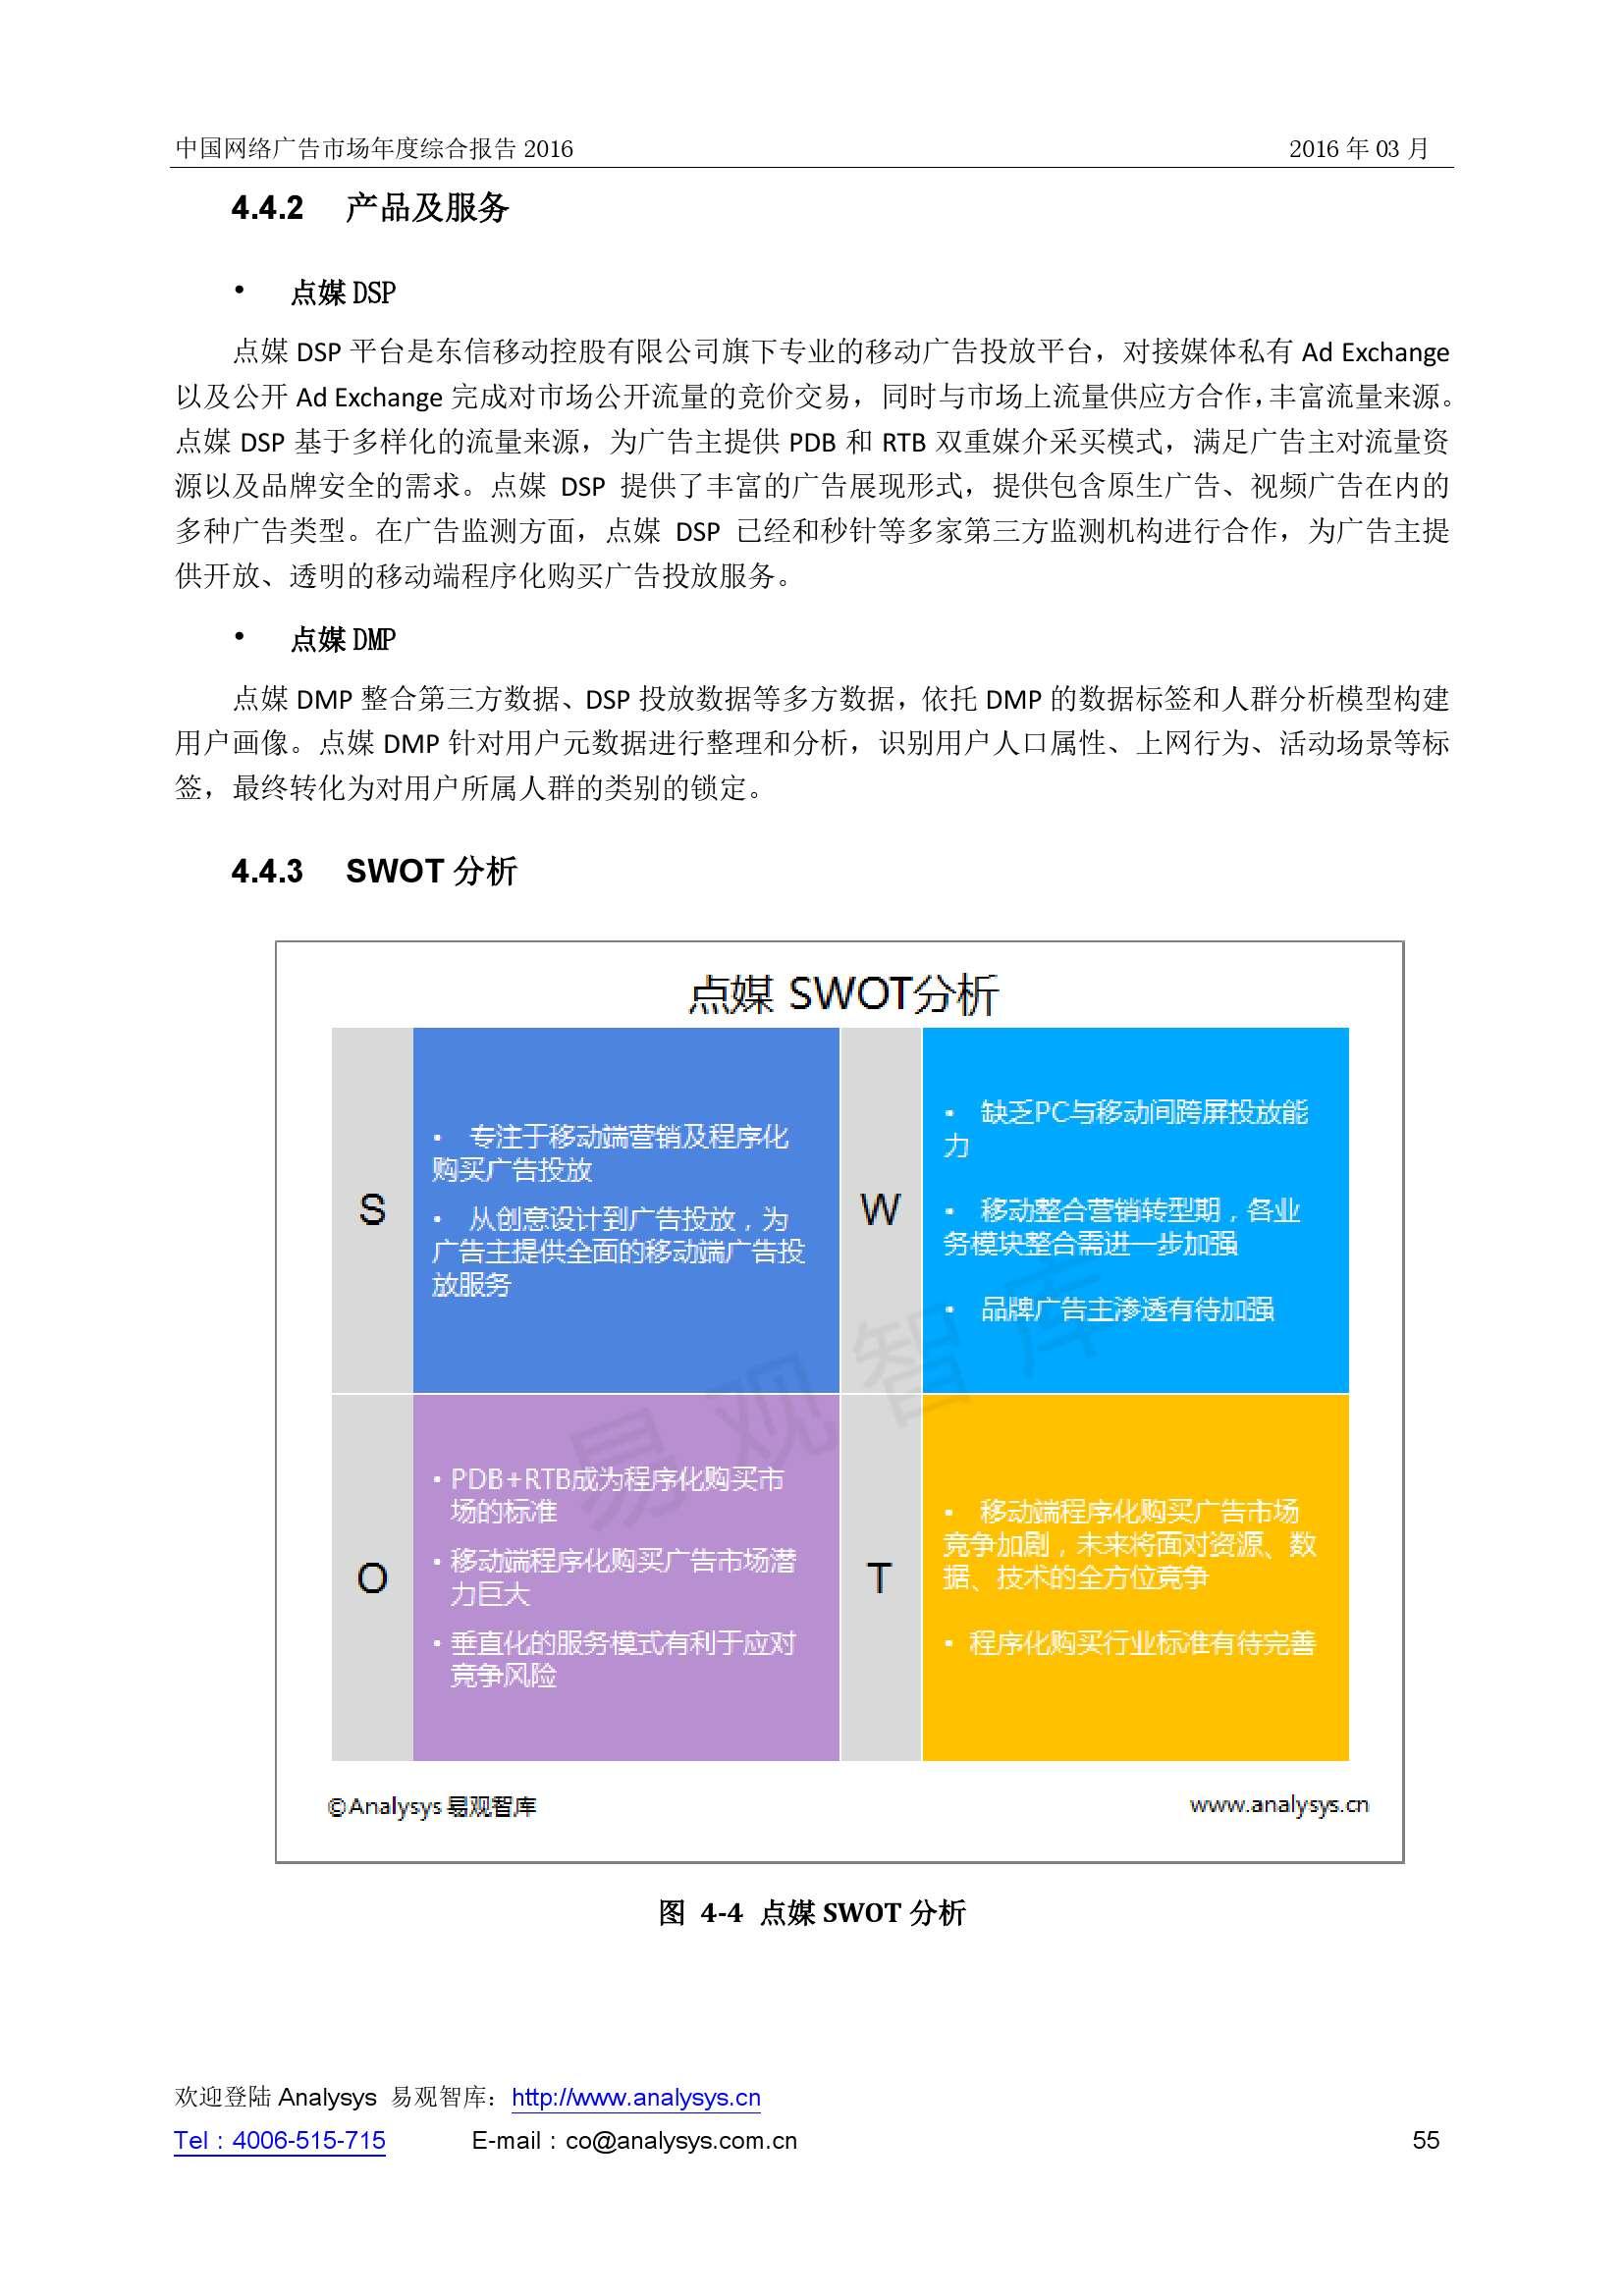 中国网络广告市场年度综合报告2016_000055